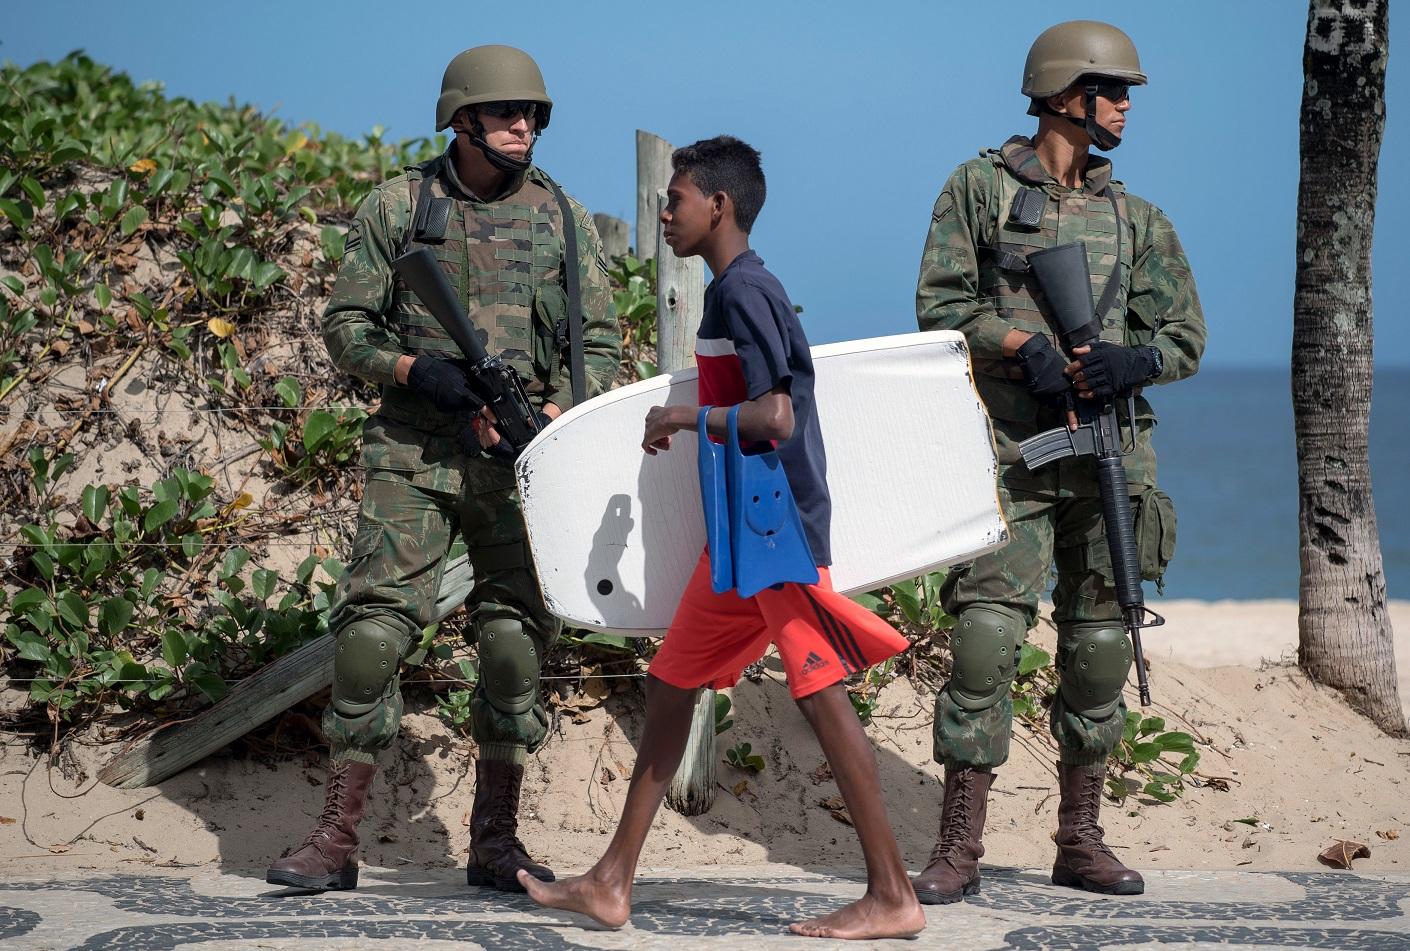 Soldados do exército na praia de Ipanema. Foto Mauro Pimentel/AFP